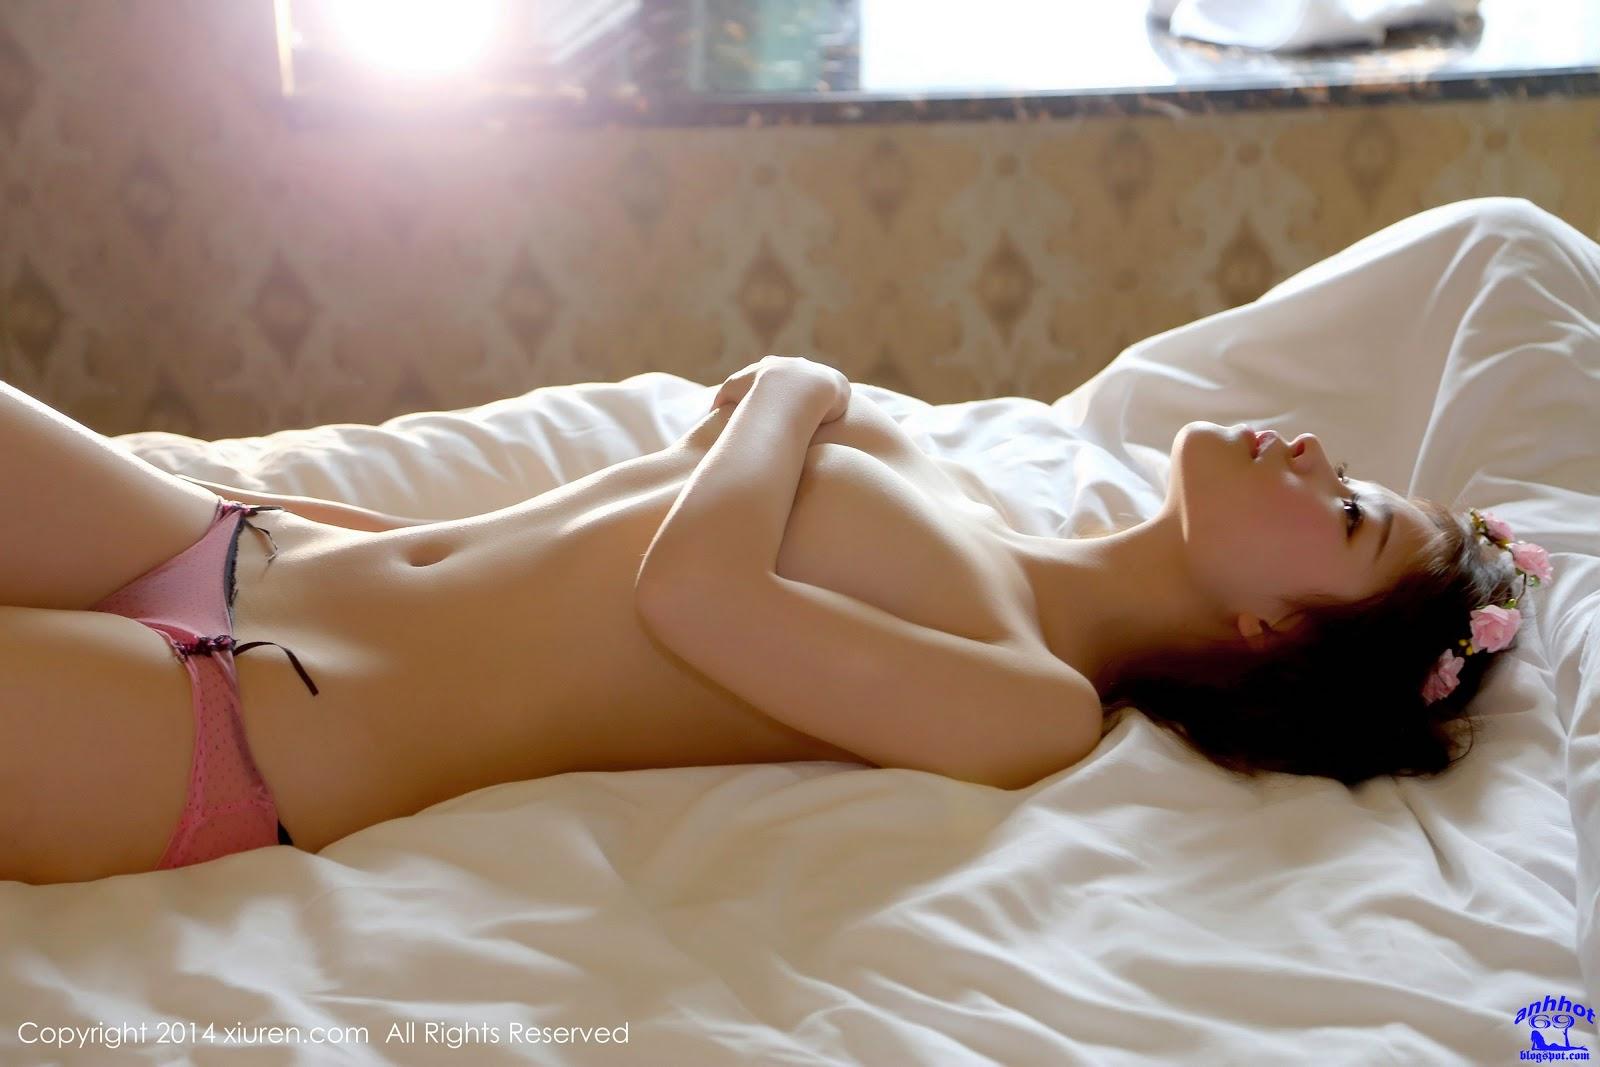 Xiuren 46N00142 - Lily_0046